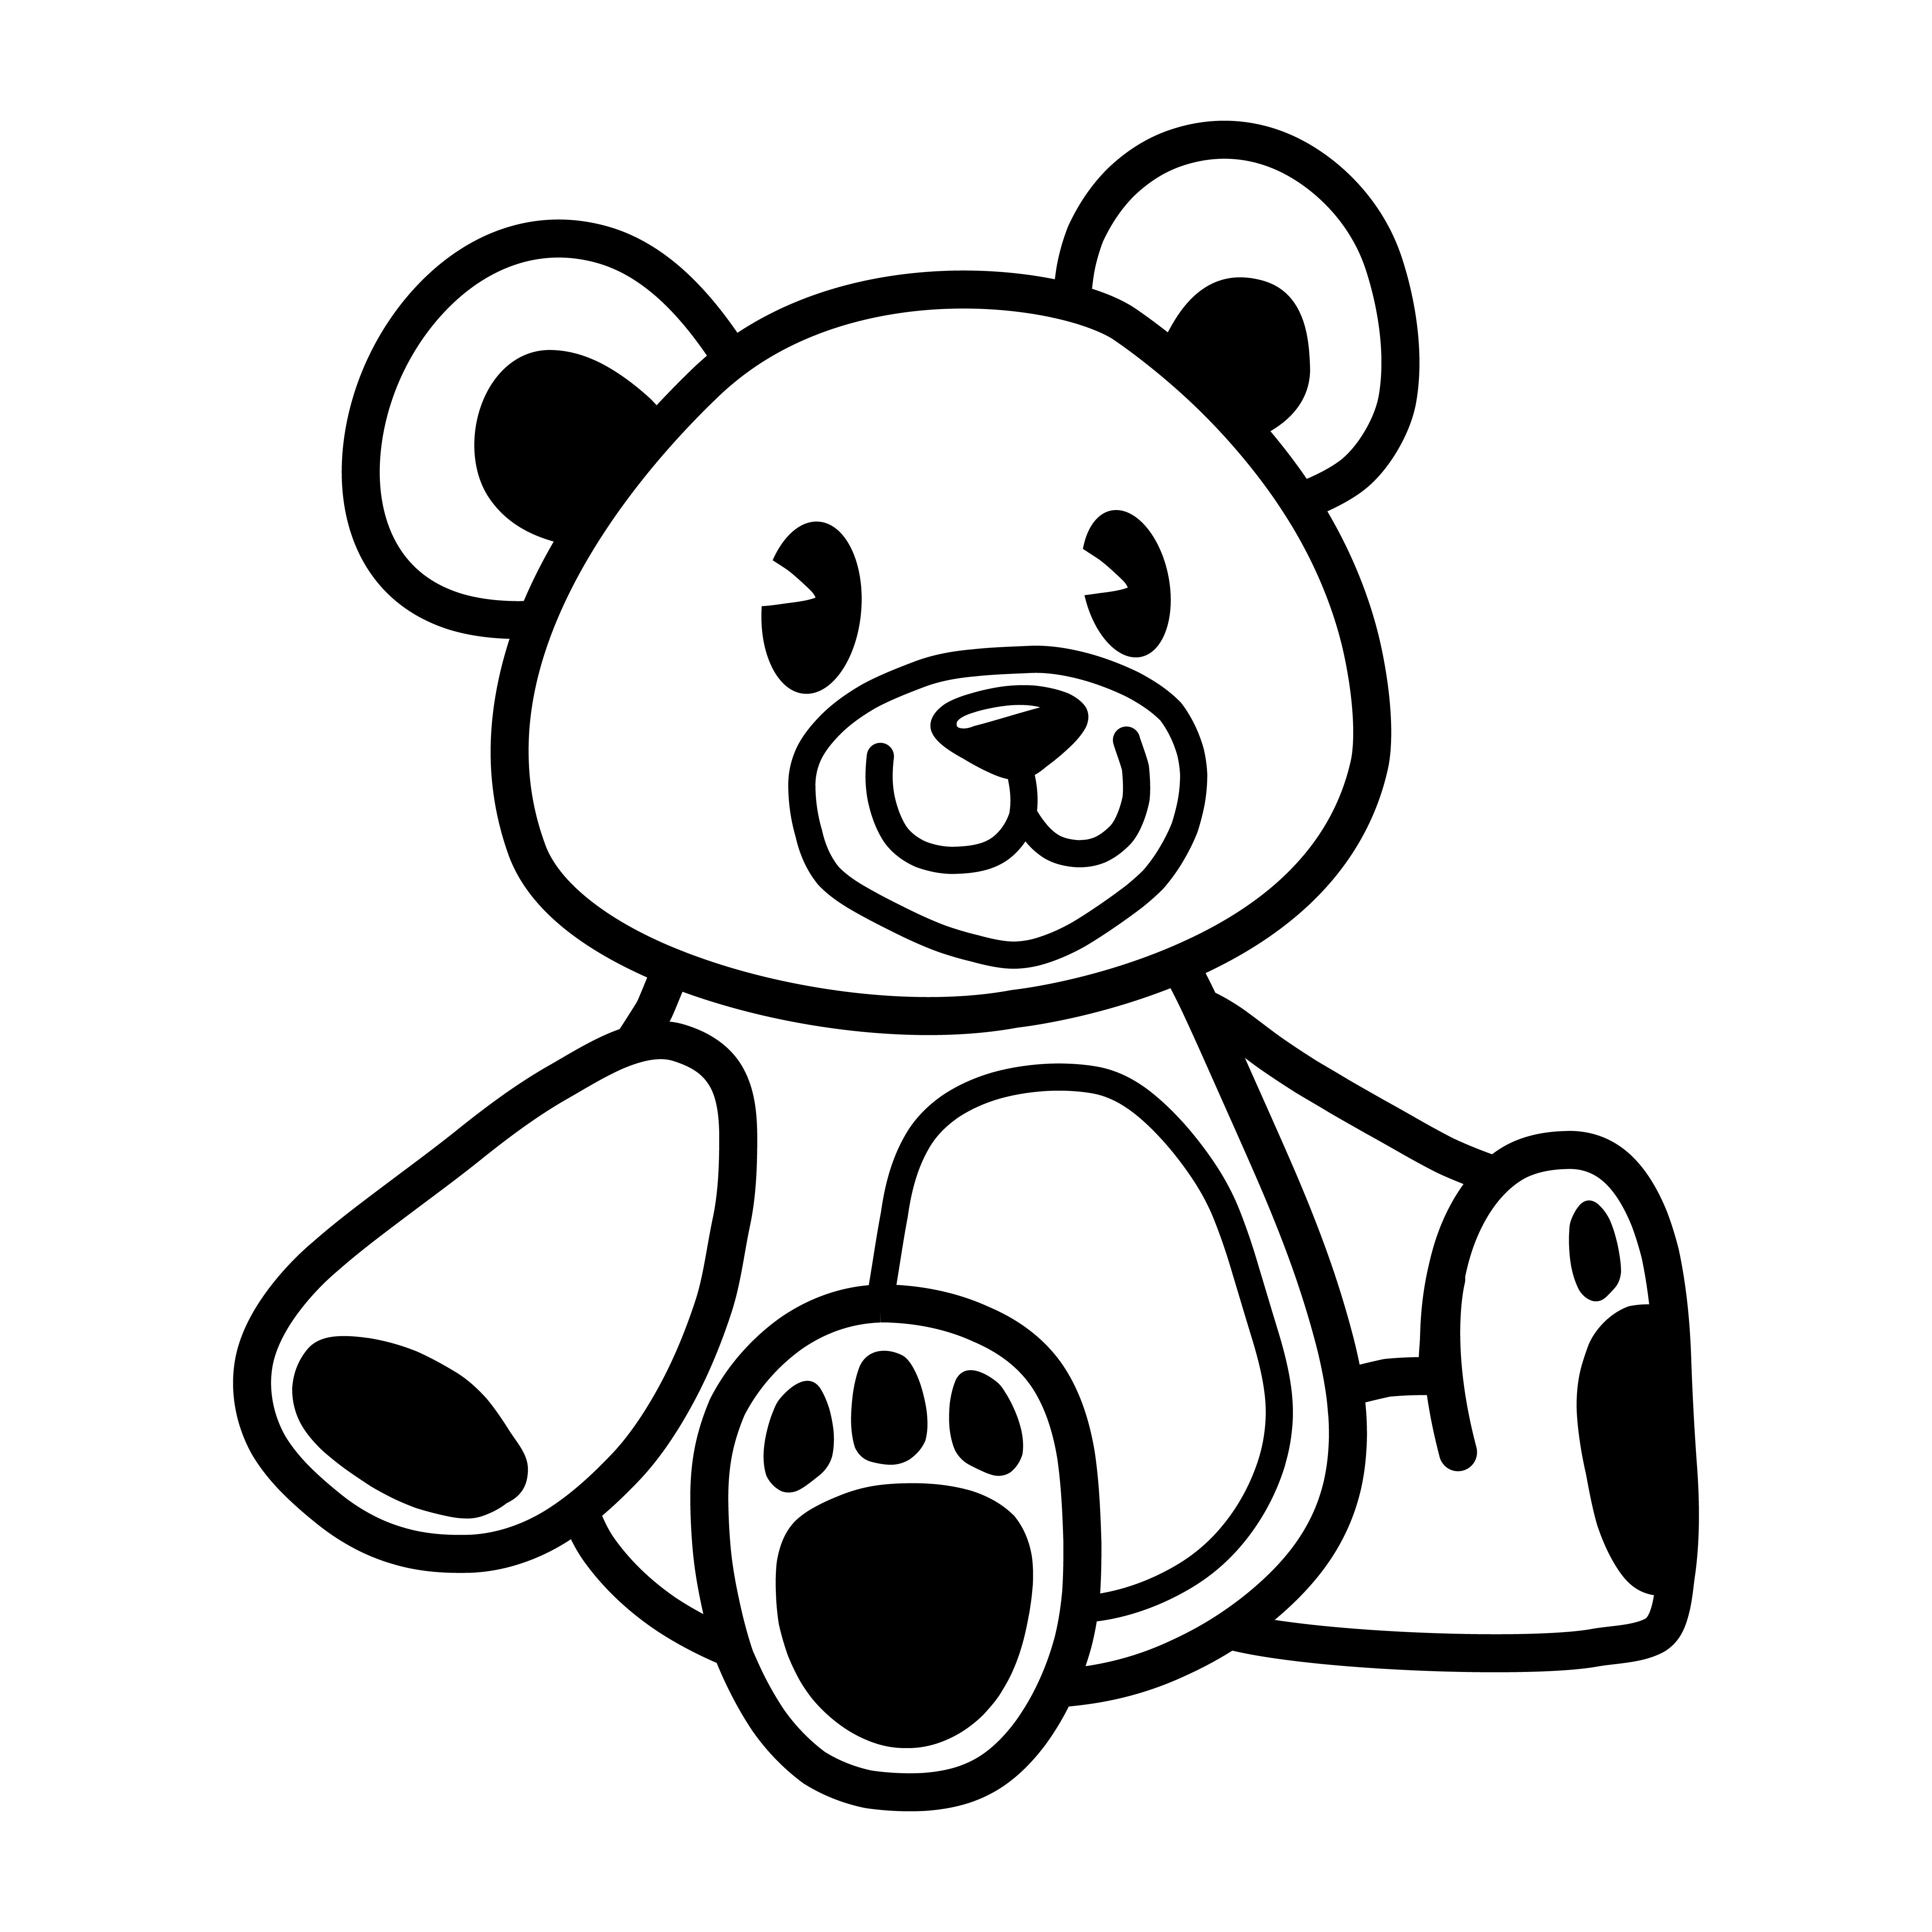 Teddy bear 3004